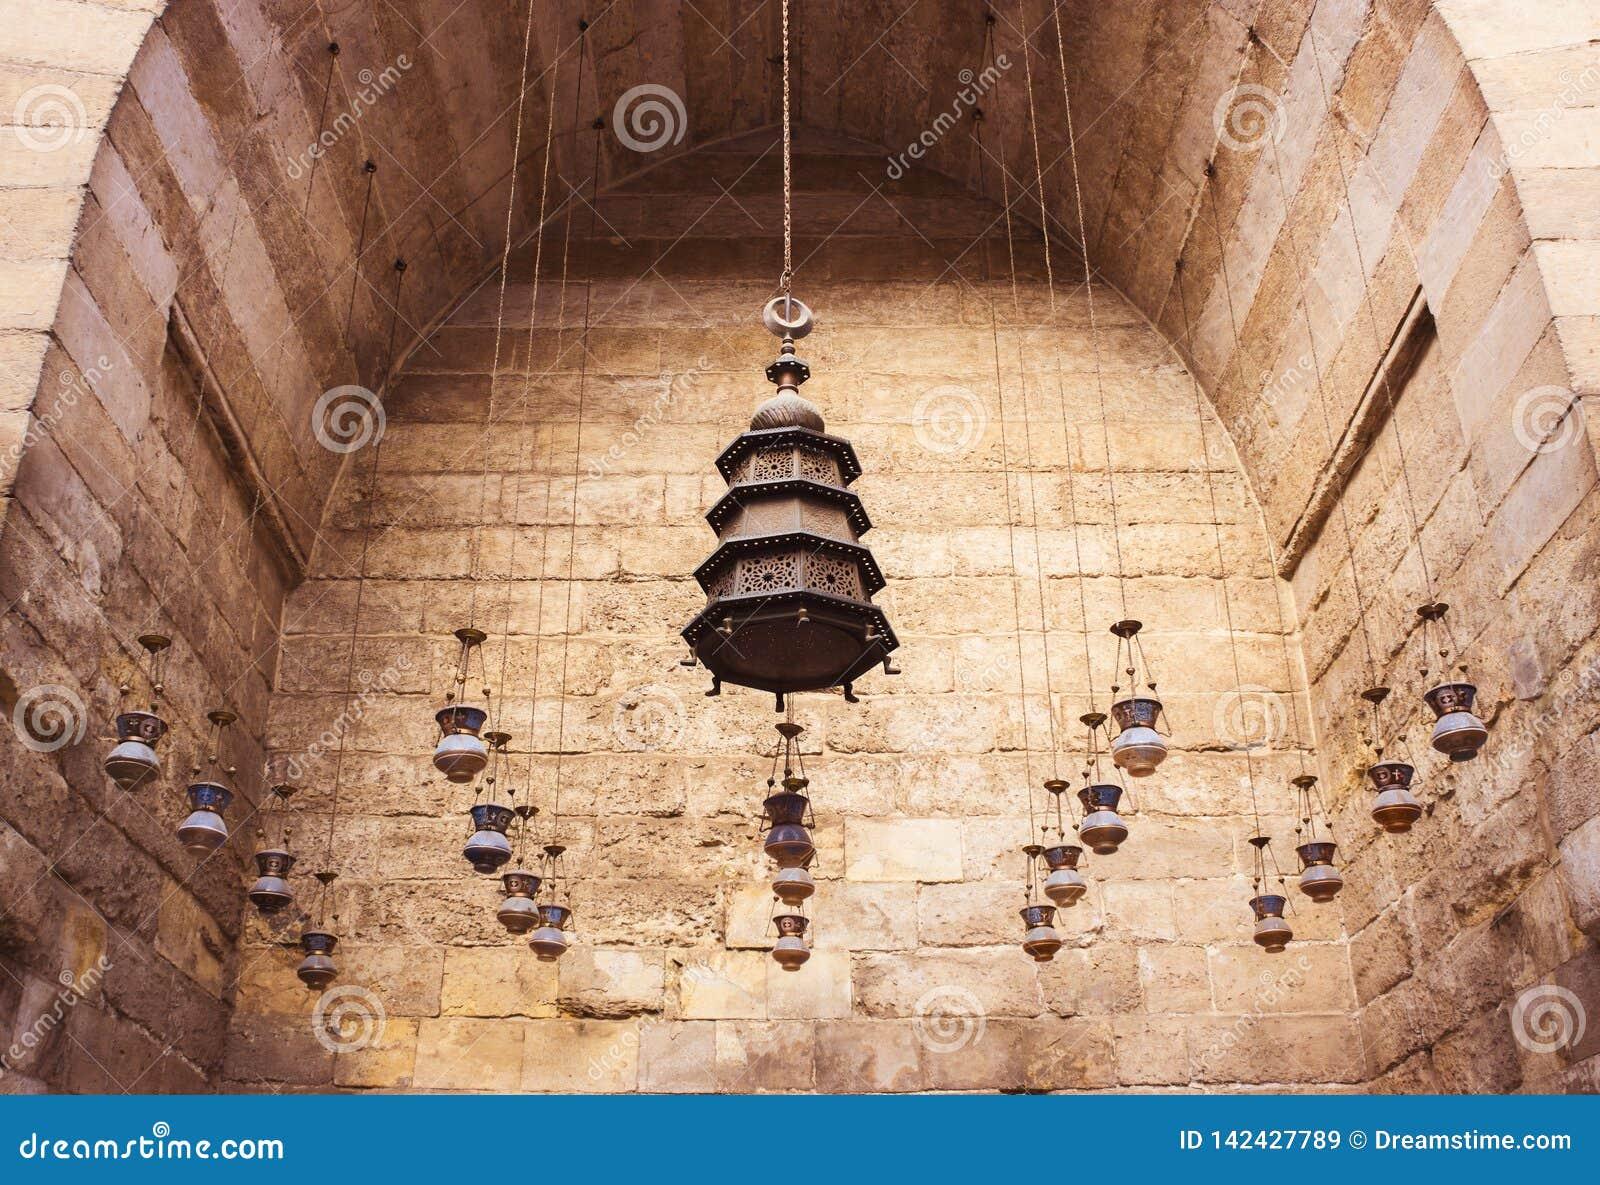 Groupe de lanternes pendant du plafond dans de vieilles mosquées